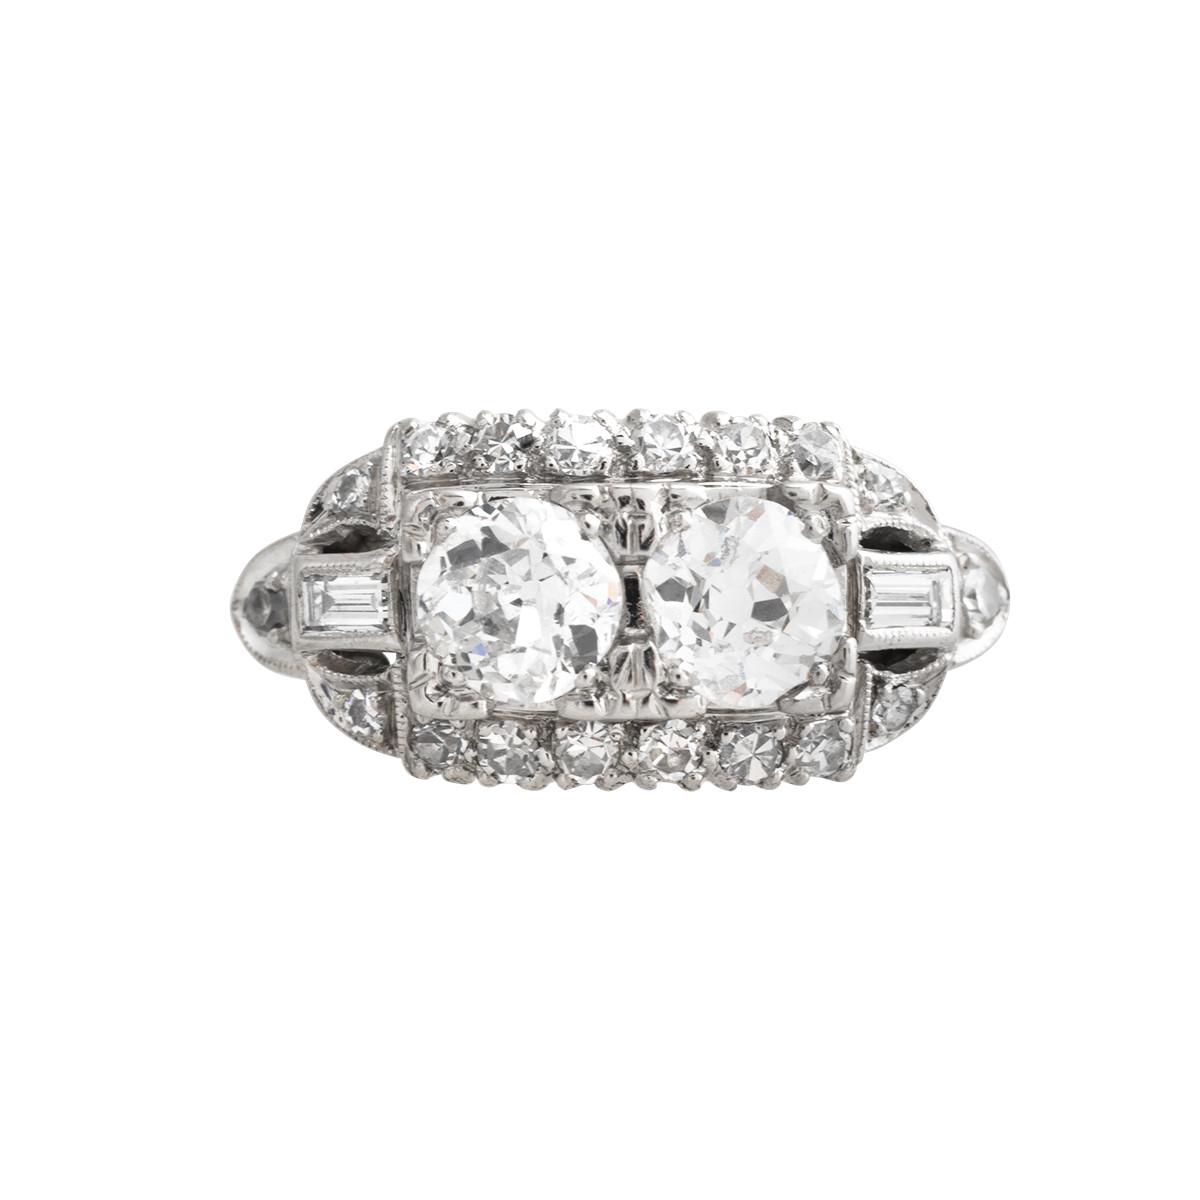 Antique Art Deco 1.67 CTW Engagement Ring